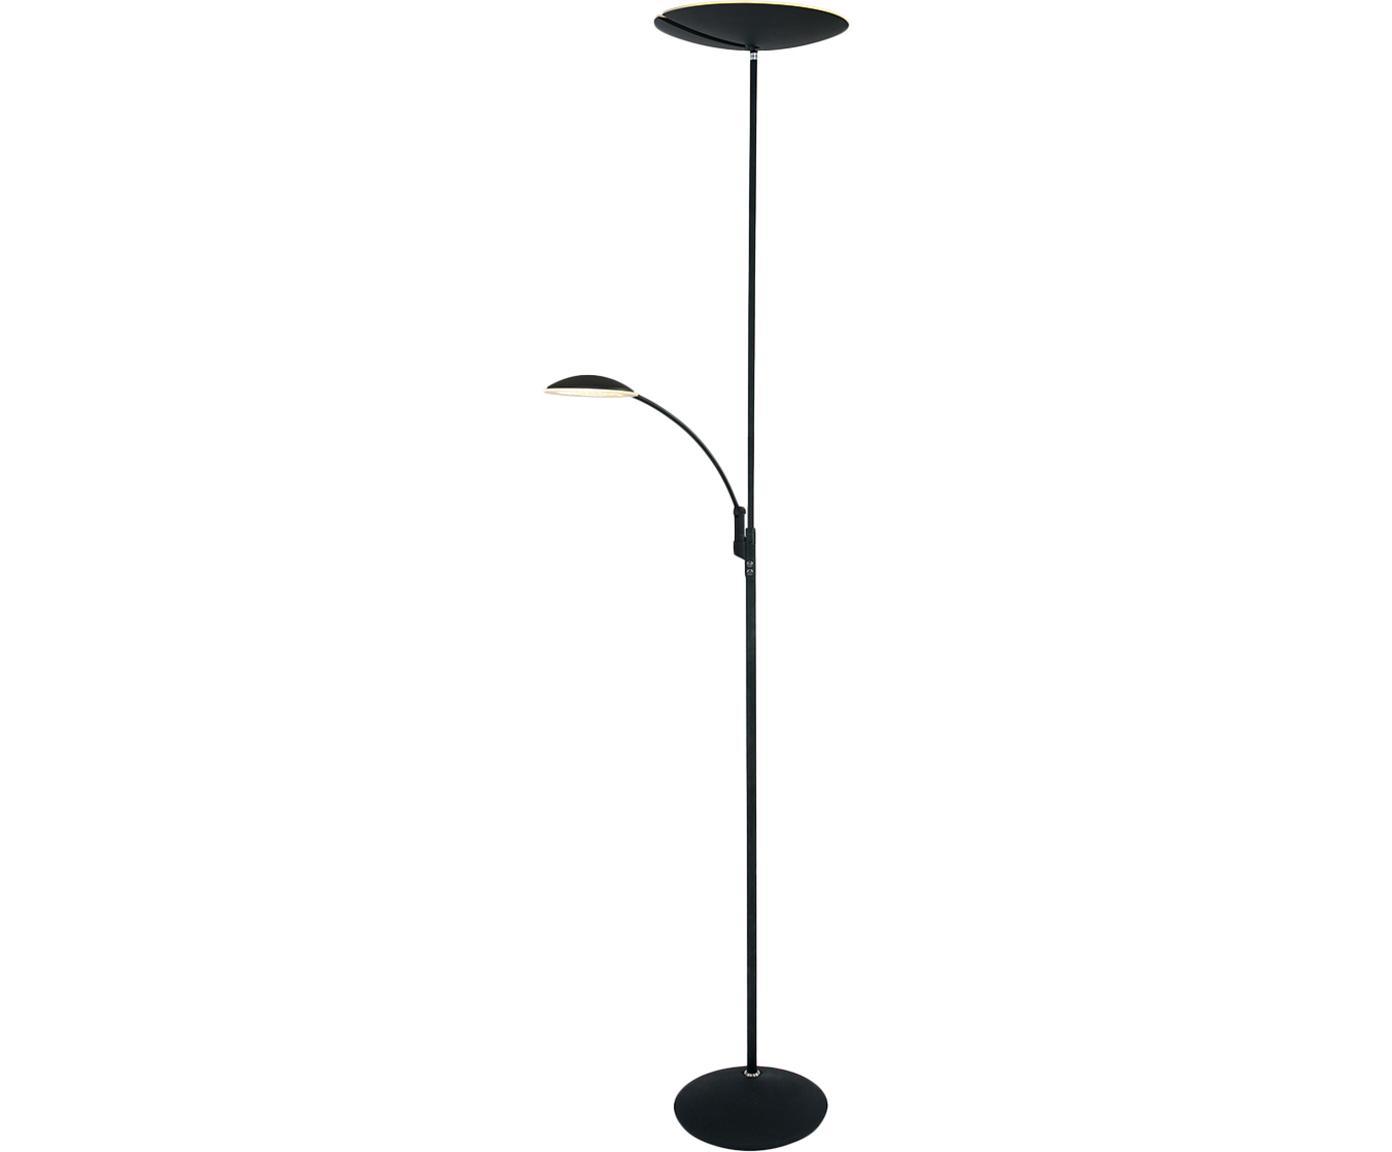 Dimbare LED vloerlamp Mees, Gelakt aluminium, Zwart, Ø 38 x H 180 cm